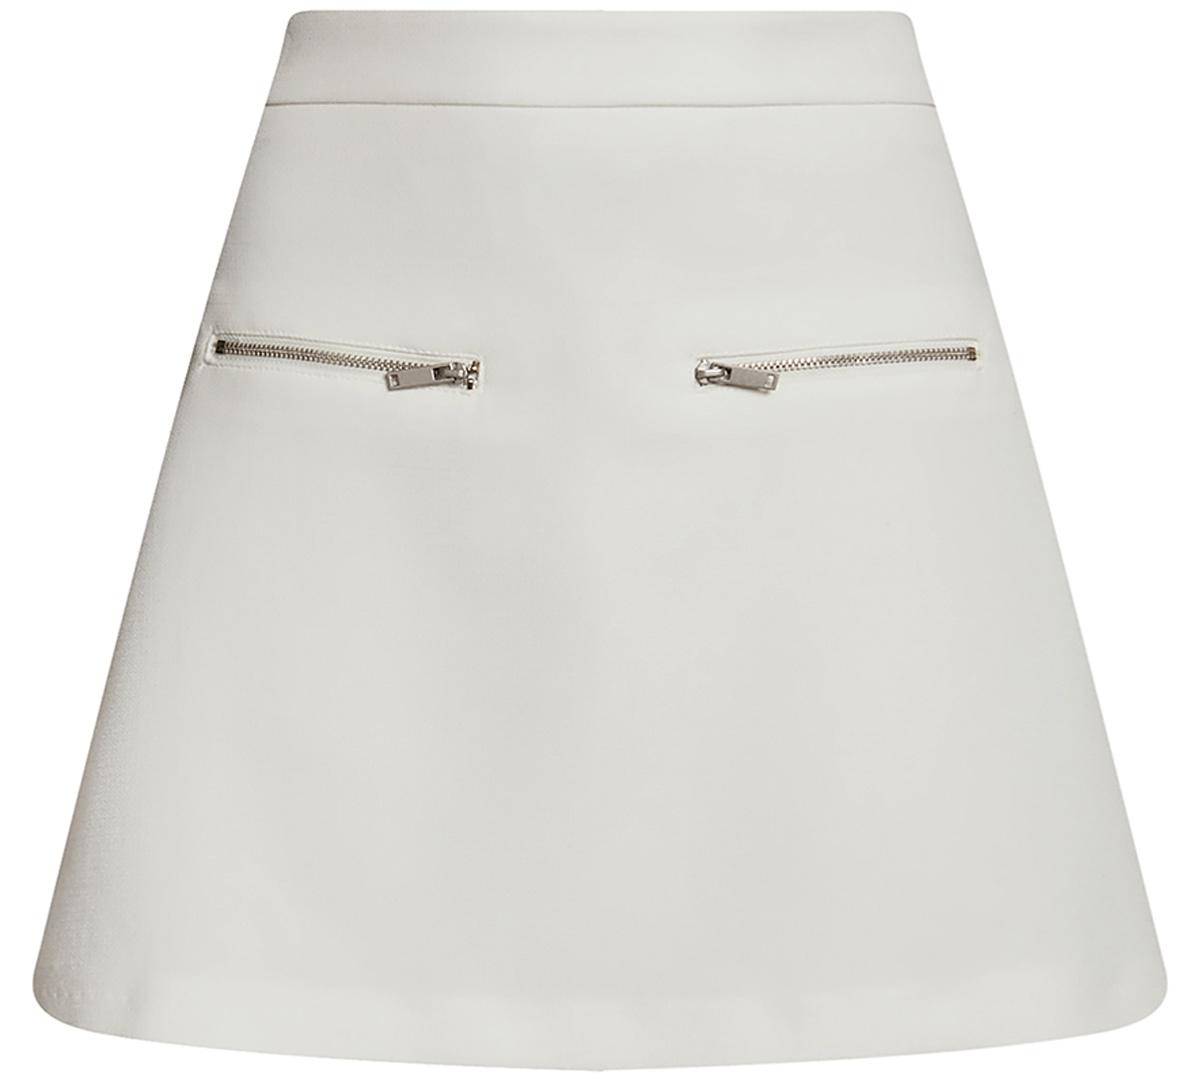 Юбка oodji Ultra, цвет: белый. 11600436/31291/1200N. Размер 36-170 (42-170)11600436/31291/1200NСтильная мини--юбка в форме трапеции выполнена из высококачественного материала. Спереди модель декорирована металлическими молниями. Сзади юбка застегивается на потайную застежку-молнию.